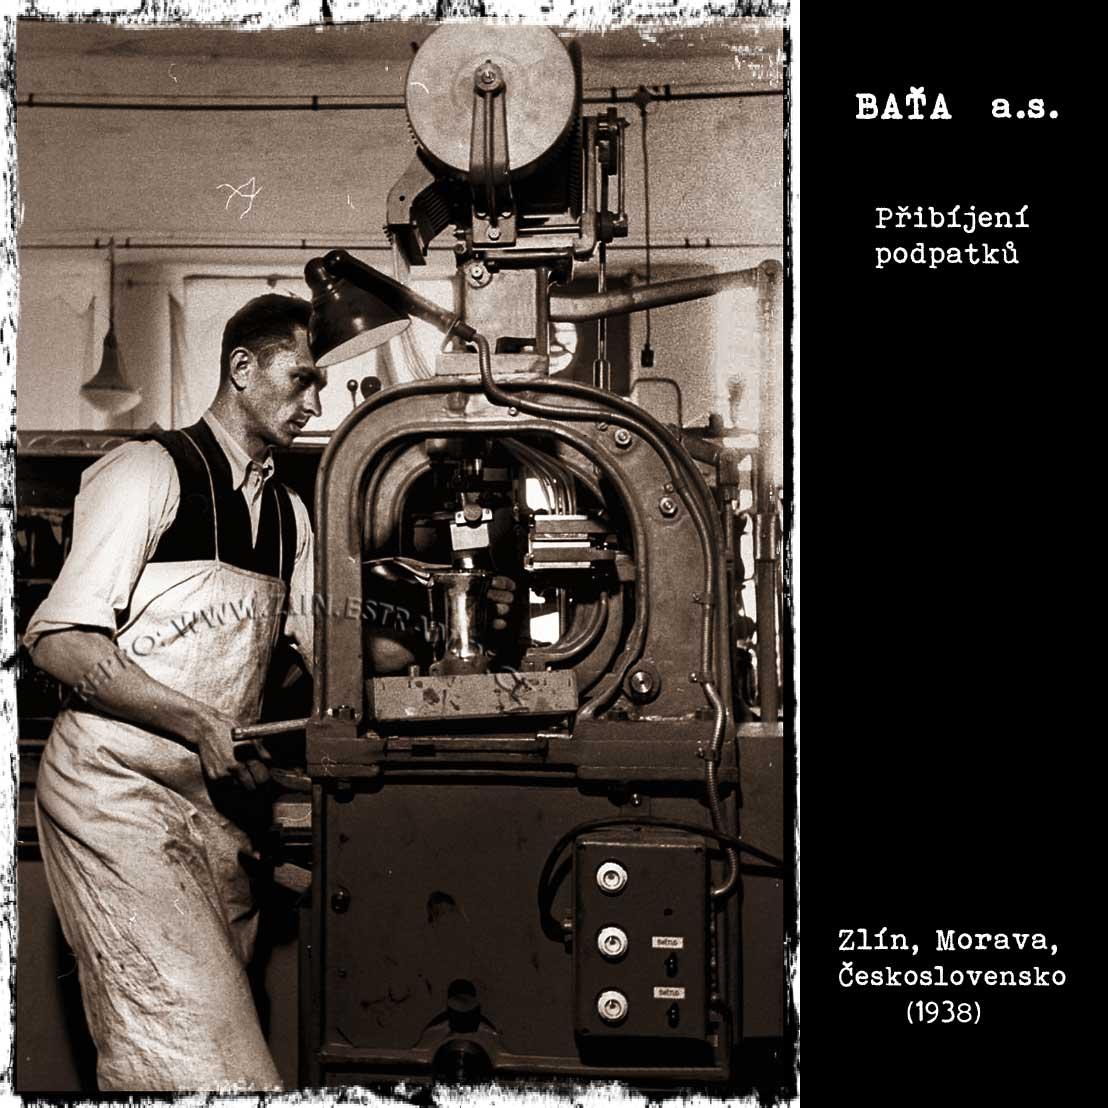 Baťa a.s. - přibíjení podpatků (1938)